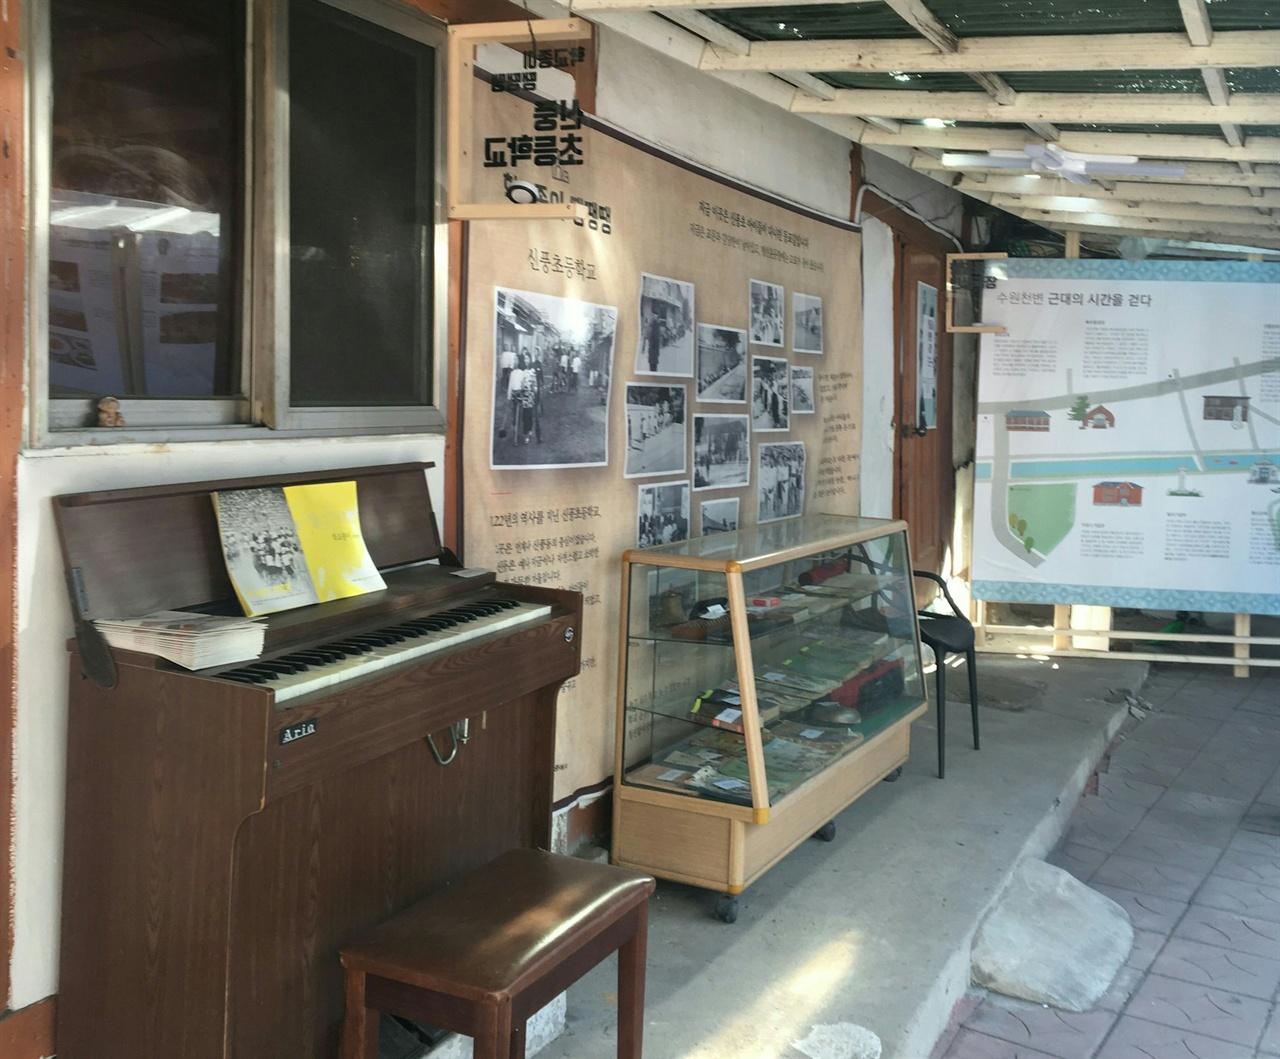 행궁동 골목박물관 마당에 수원시 행궁동에서 122여 년의 역사를 안고 다른 곳으로 이전한 신풍초등학교에서 오래전 사용한  풍금과 교과서 등이 전시돼 있다.